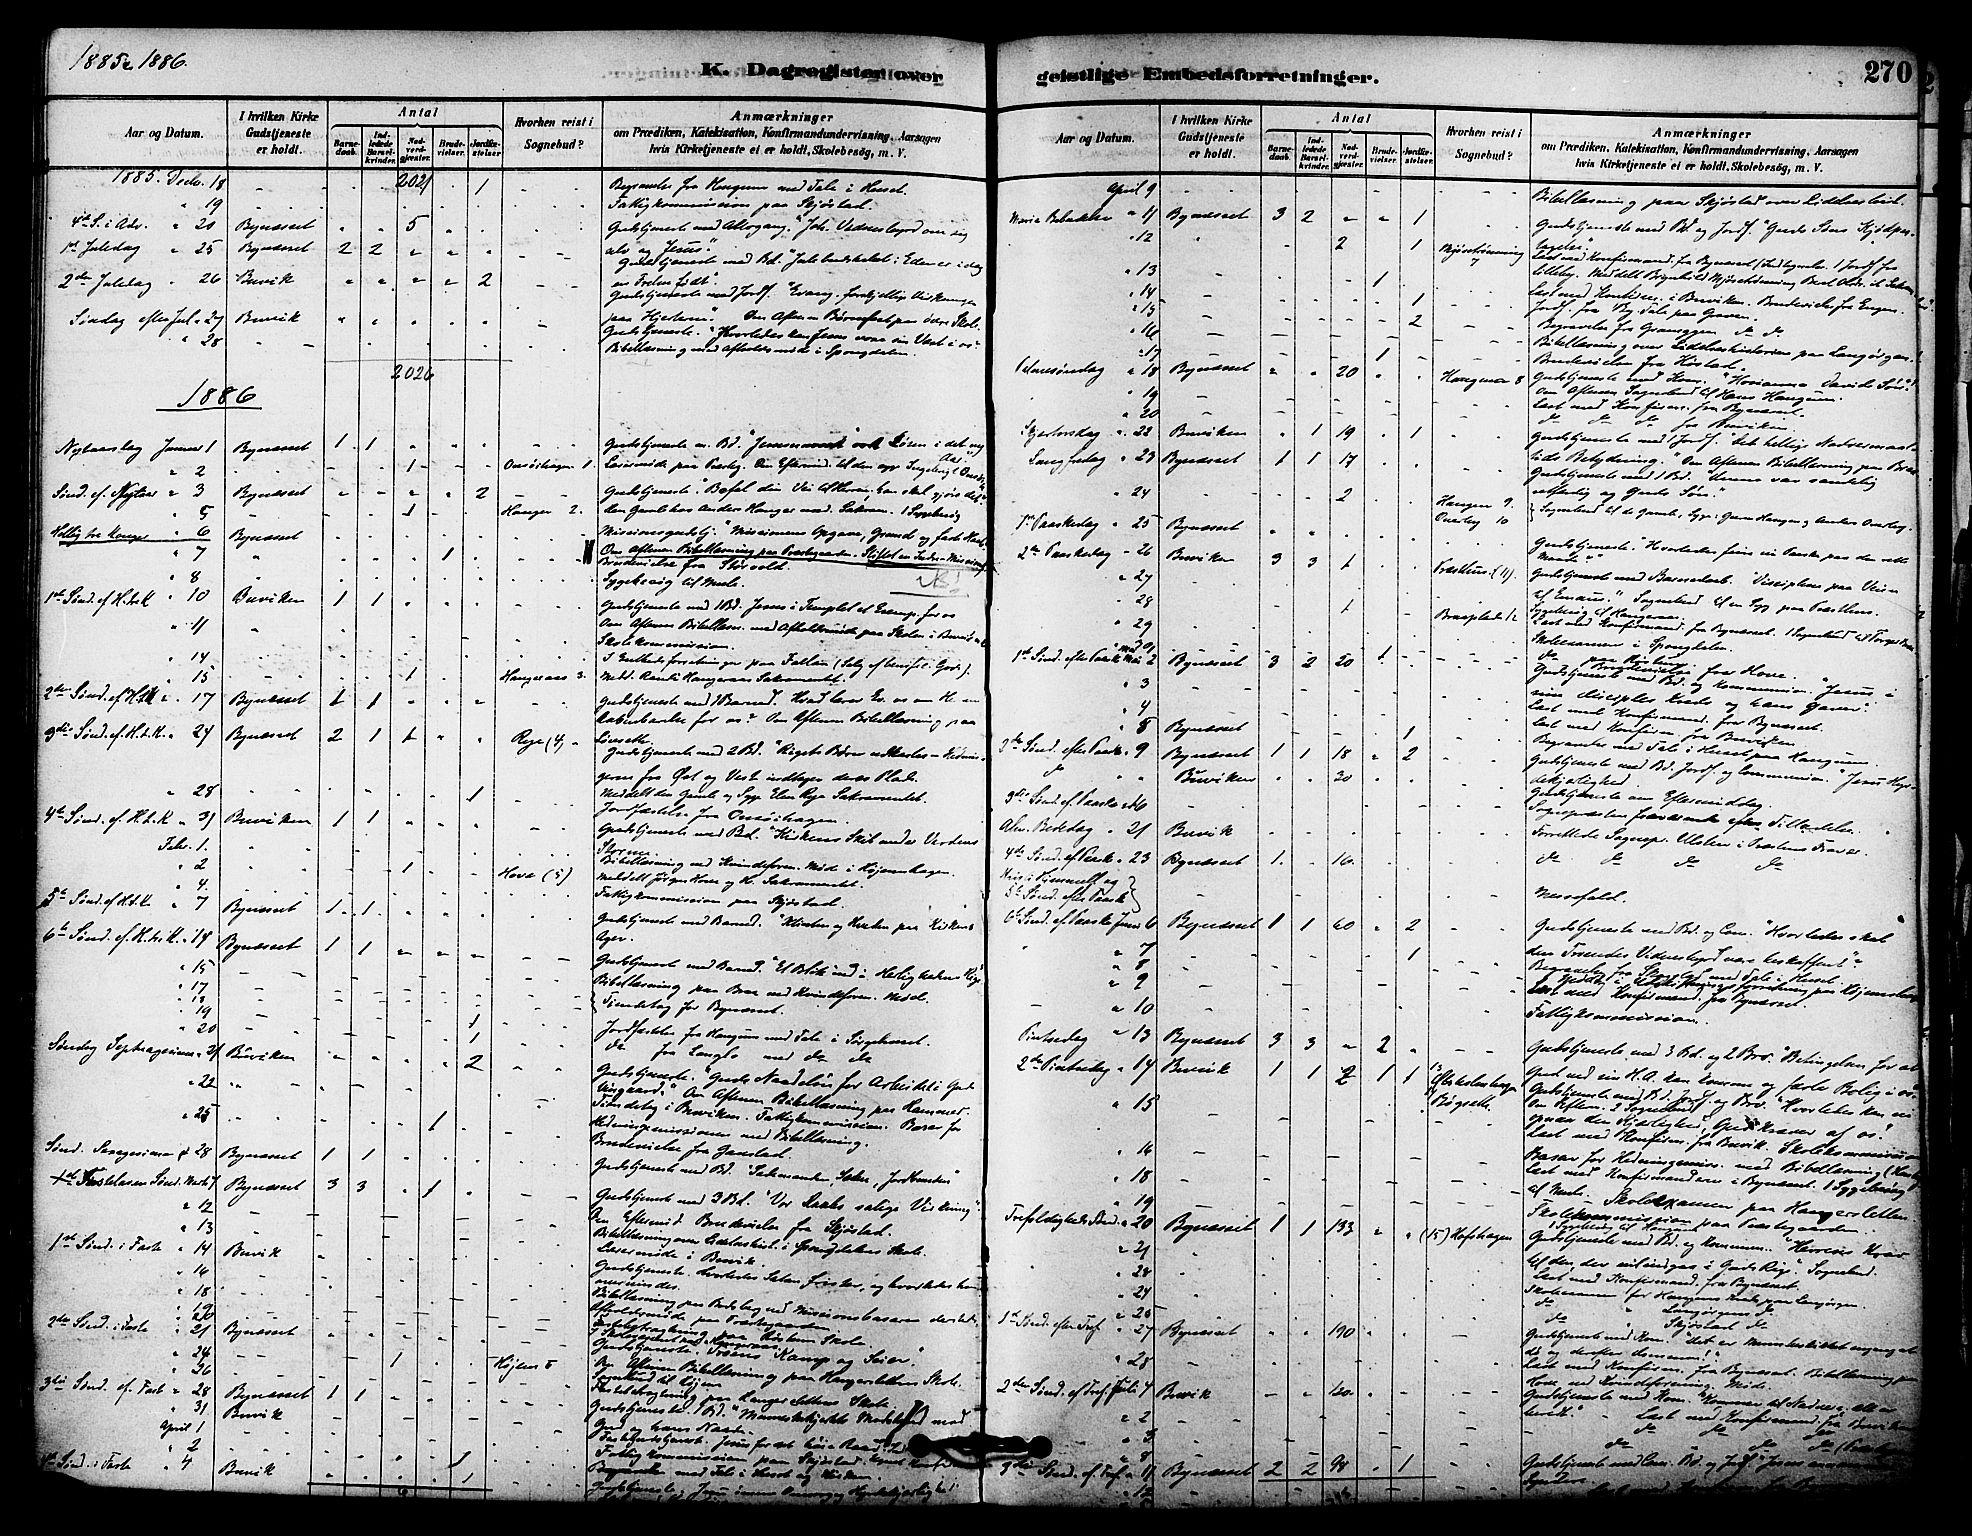 SAT, Ministerialprotokoller, klokkerbøker og fødselsregistre - Sør-Trøndelag, 612/L0378: Ministerialbok nr. 612A10, 1878-1897, s. 270